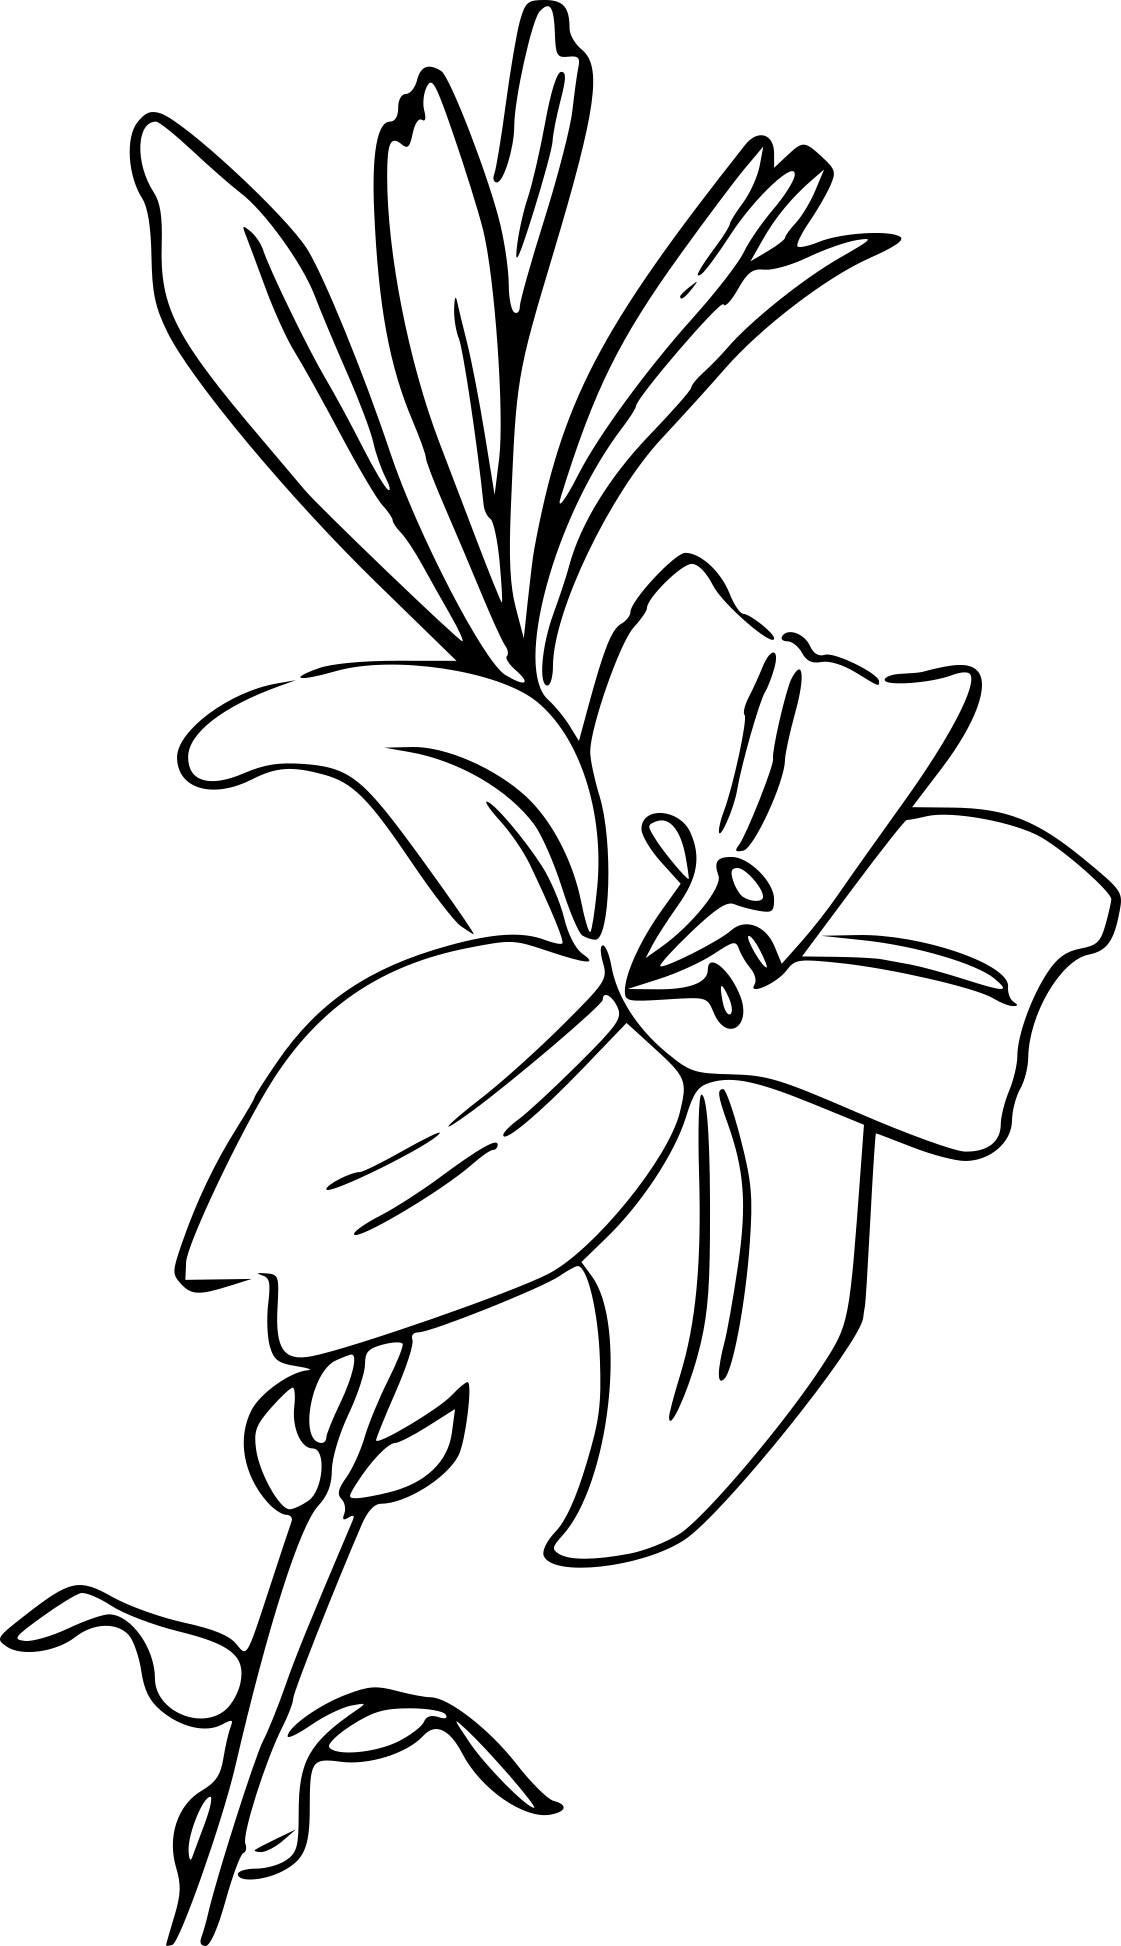 Coloriage Fleur Lys À Imprimer Sur Coloriages pour Dessin A Colorier De Fleur